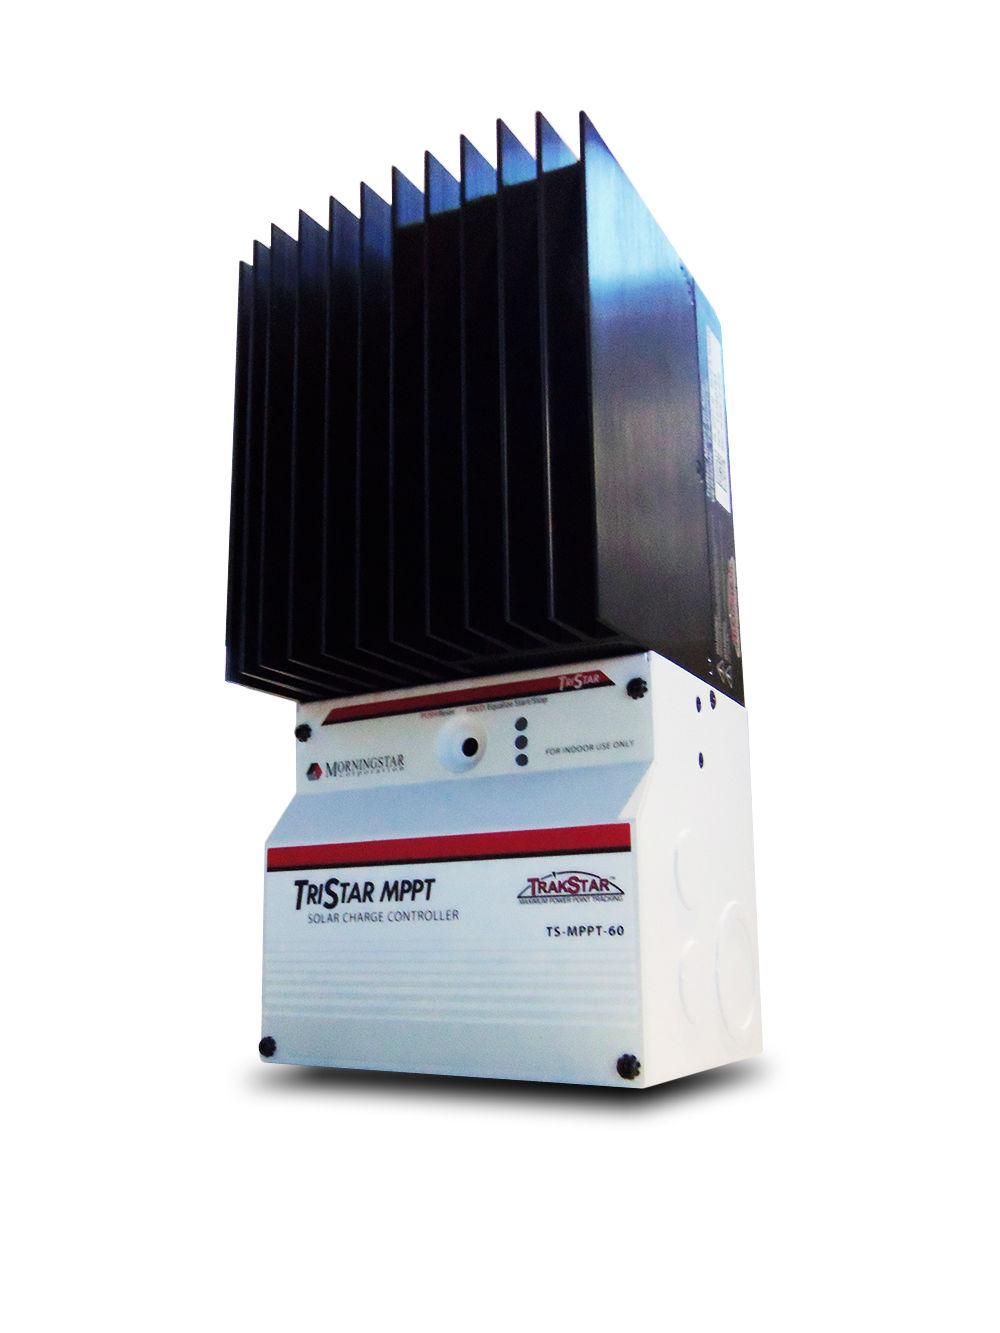 Pannello Solare Per Camper Quale Scegliere : Flexienergy it regolatore carica solare mppt